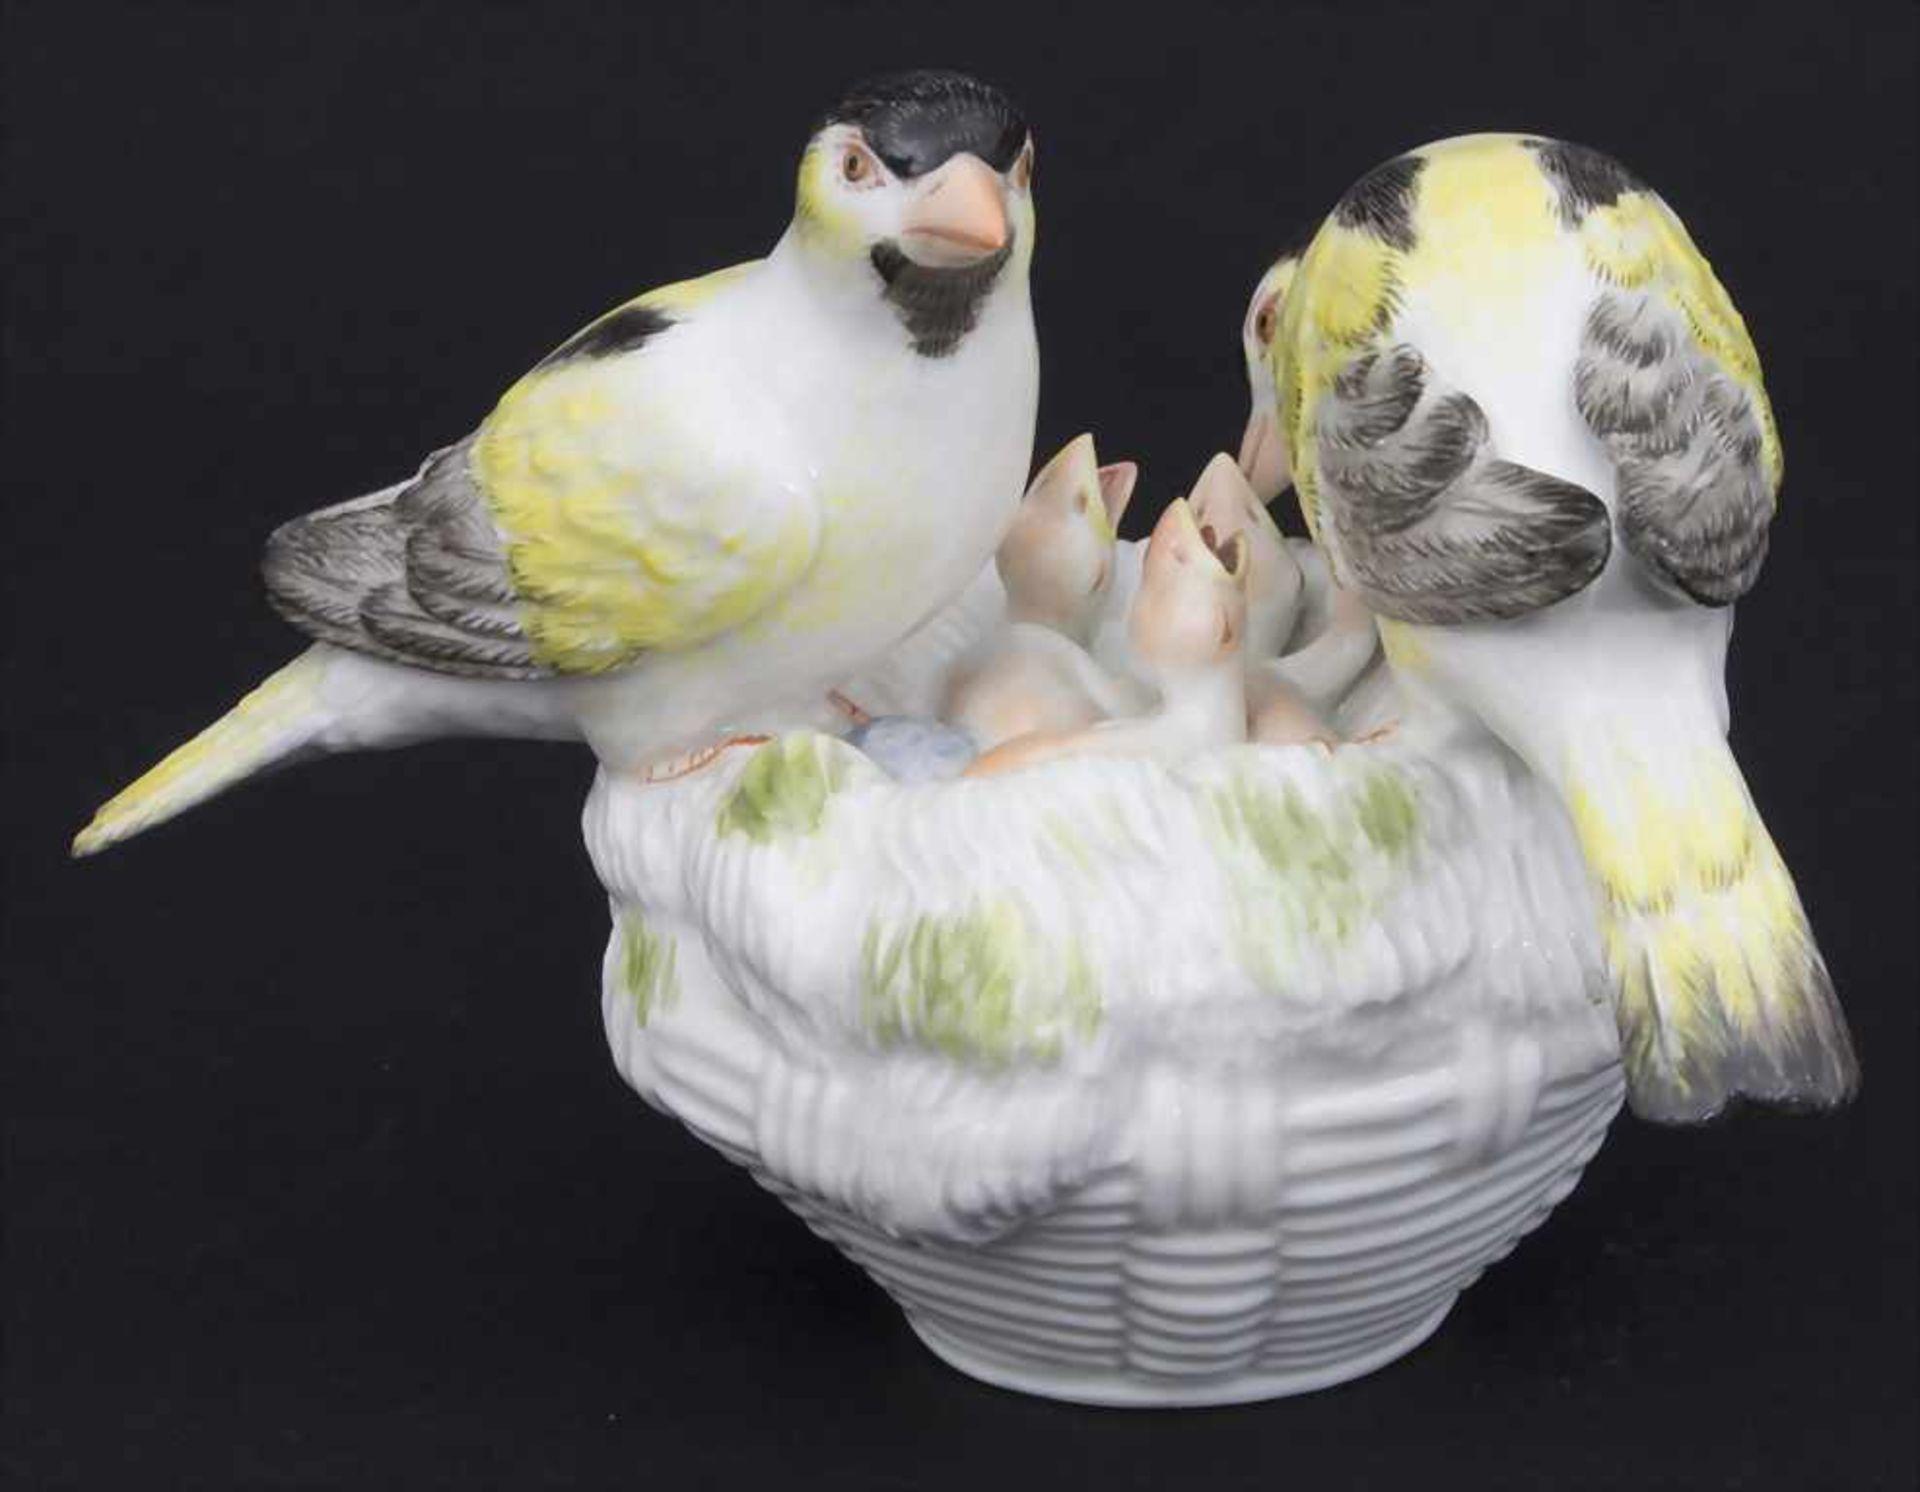 Kanarien-Vogelpaar mit Jungvögeln / A pair of canary birds with young birds, Meissen, Mitte 20. Jh. - Bild 4 aus 6